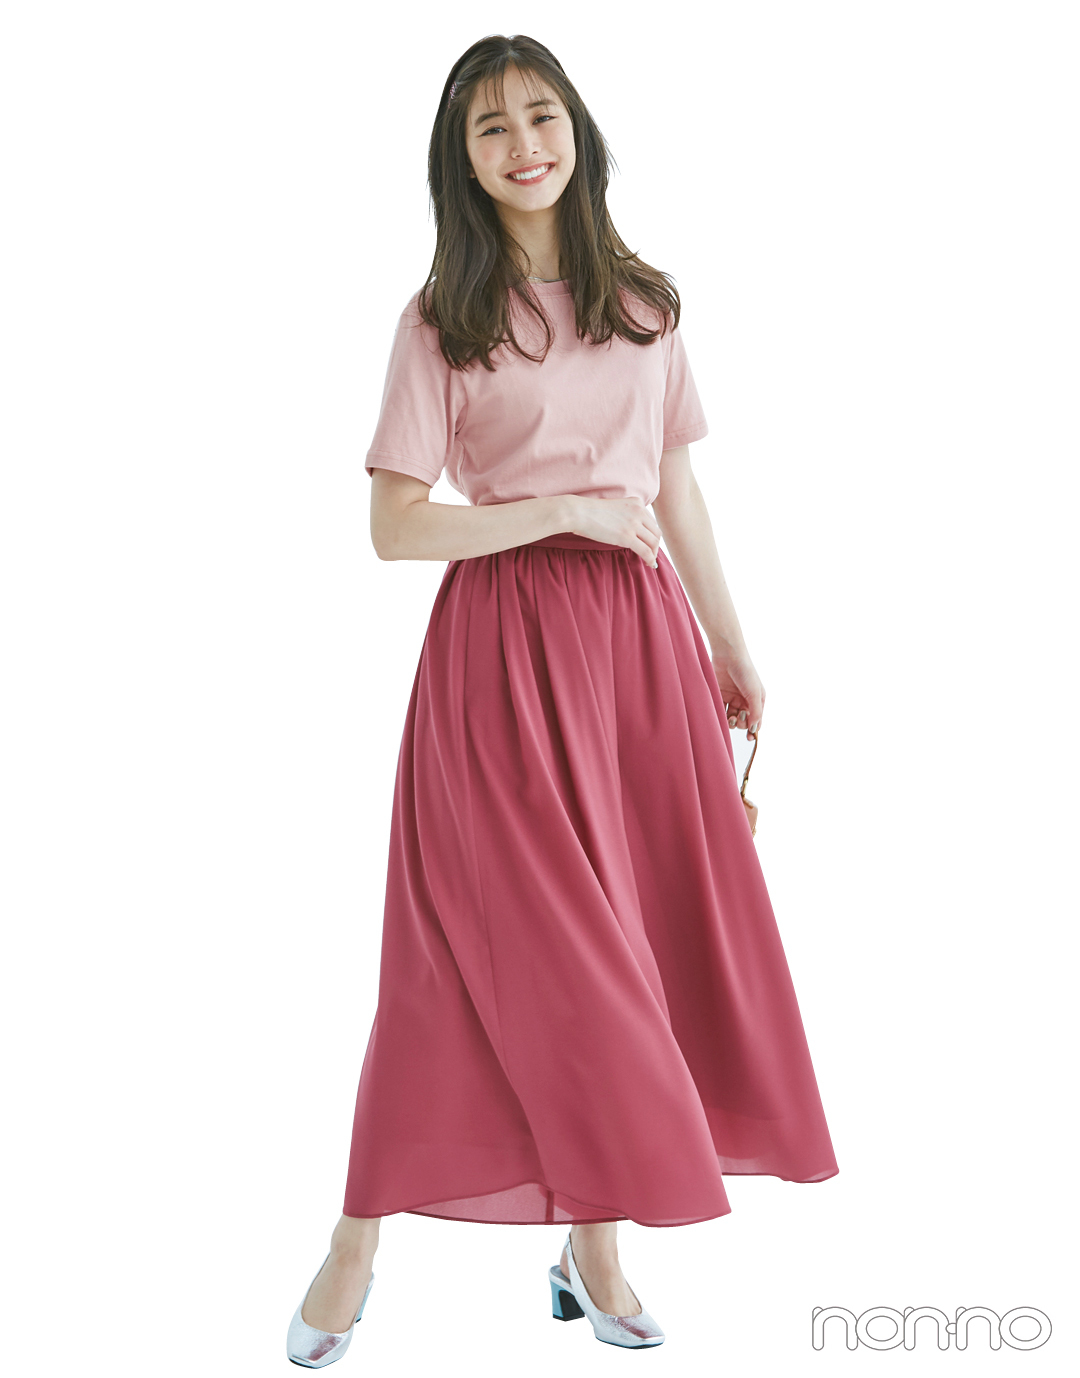 くすみピンクのTシャツ、今買ってもこれだけ着倒せる! 最新コーデ4選★_1_3-3